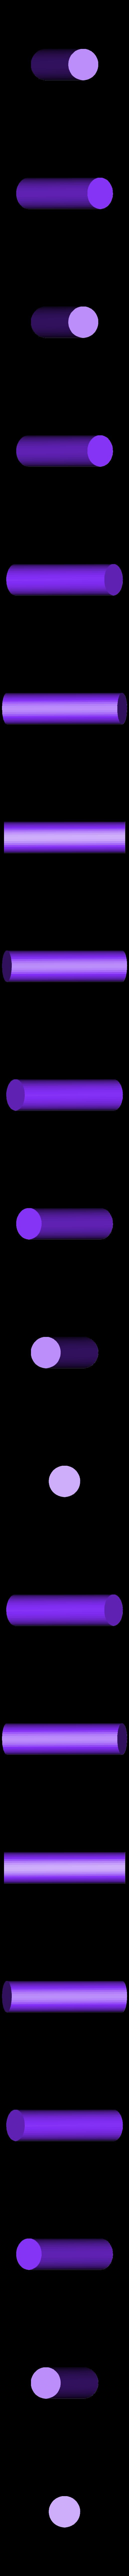 CYLINDRICAL_BOAT.STL Télécharger fichier STL gratuit Les bateaux à pièces d'Archimède • Modèle à imprimer en 3D, daGHIZmo